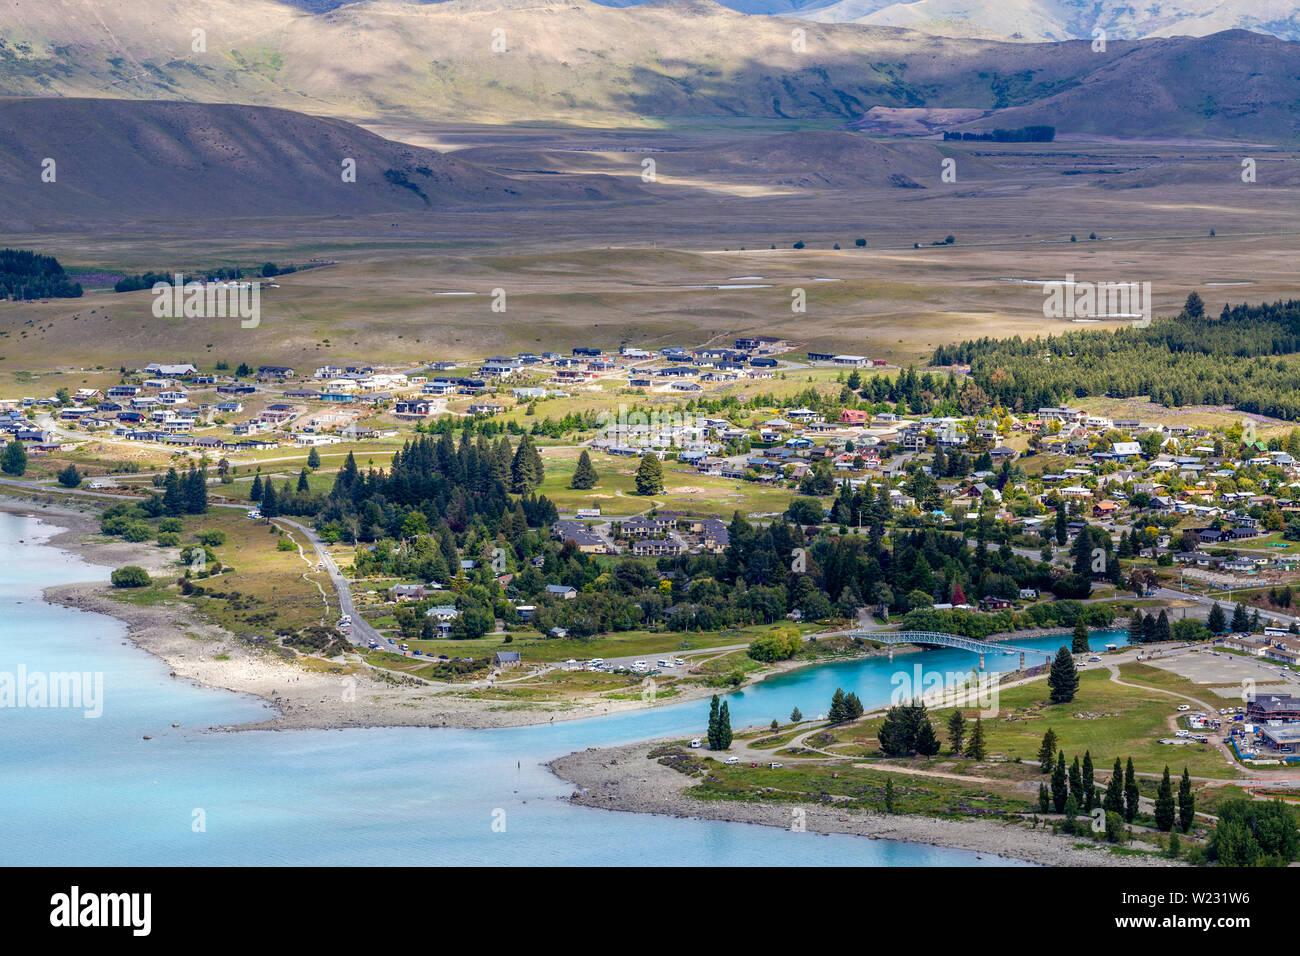 Ciudad Lago Tekapo y el Lago Tekapo, la región de Canterbury, Isla del Sur, Nueva Zelanda Foto de stock